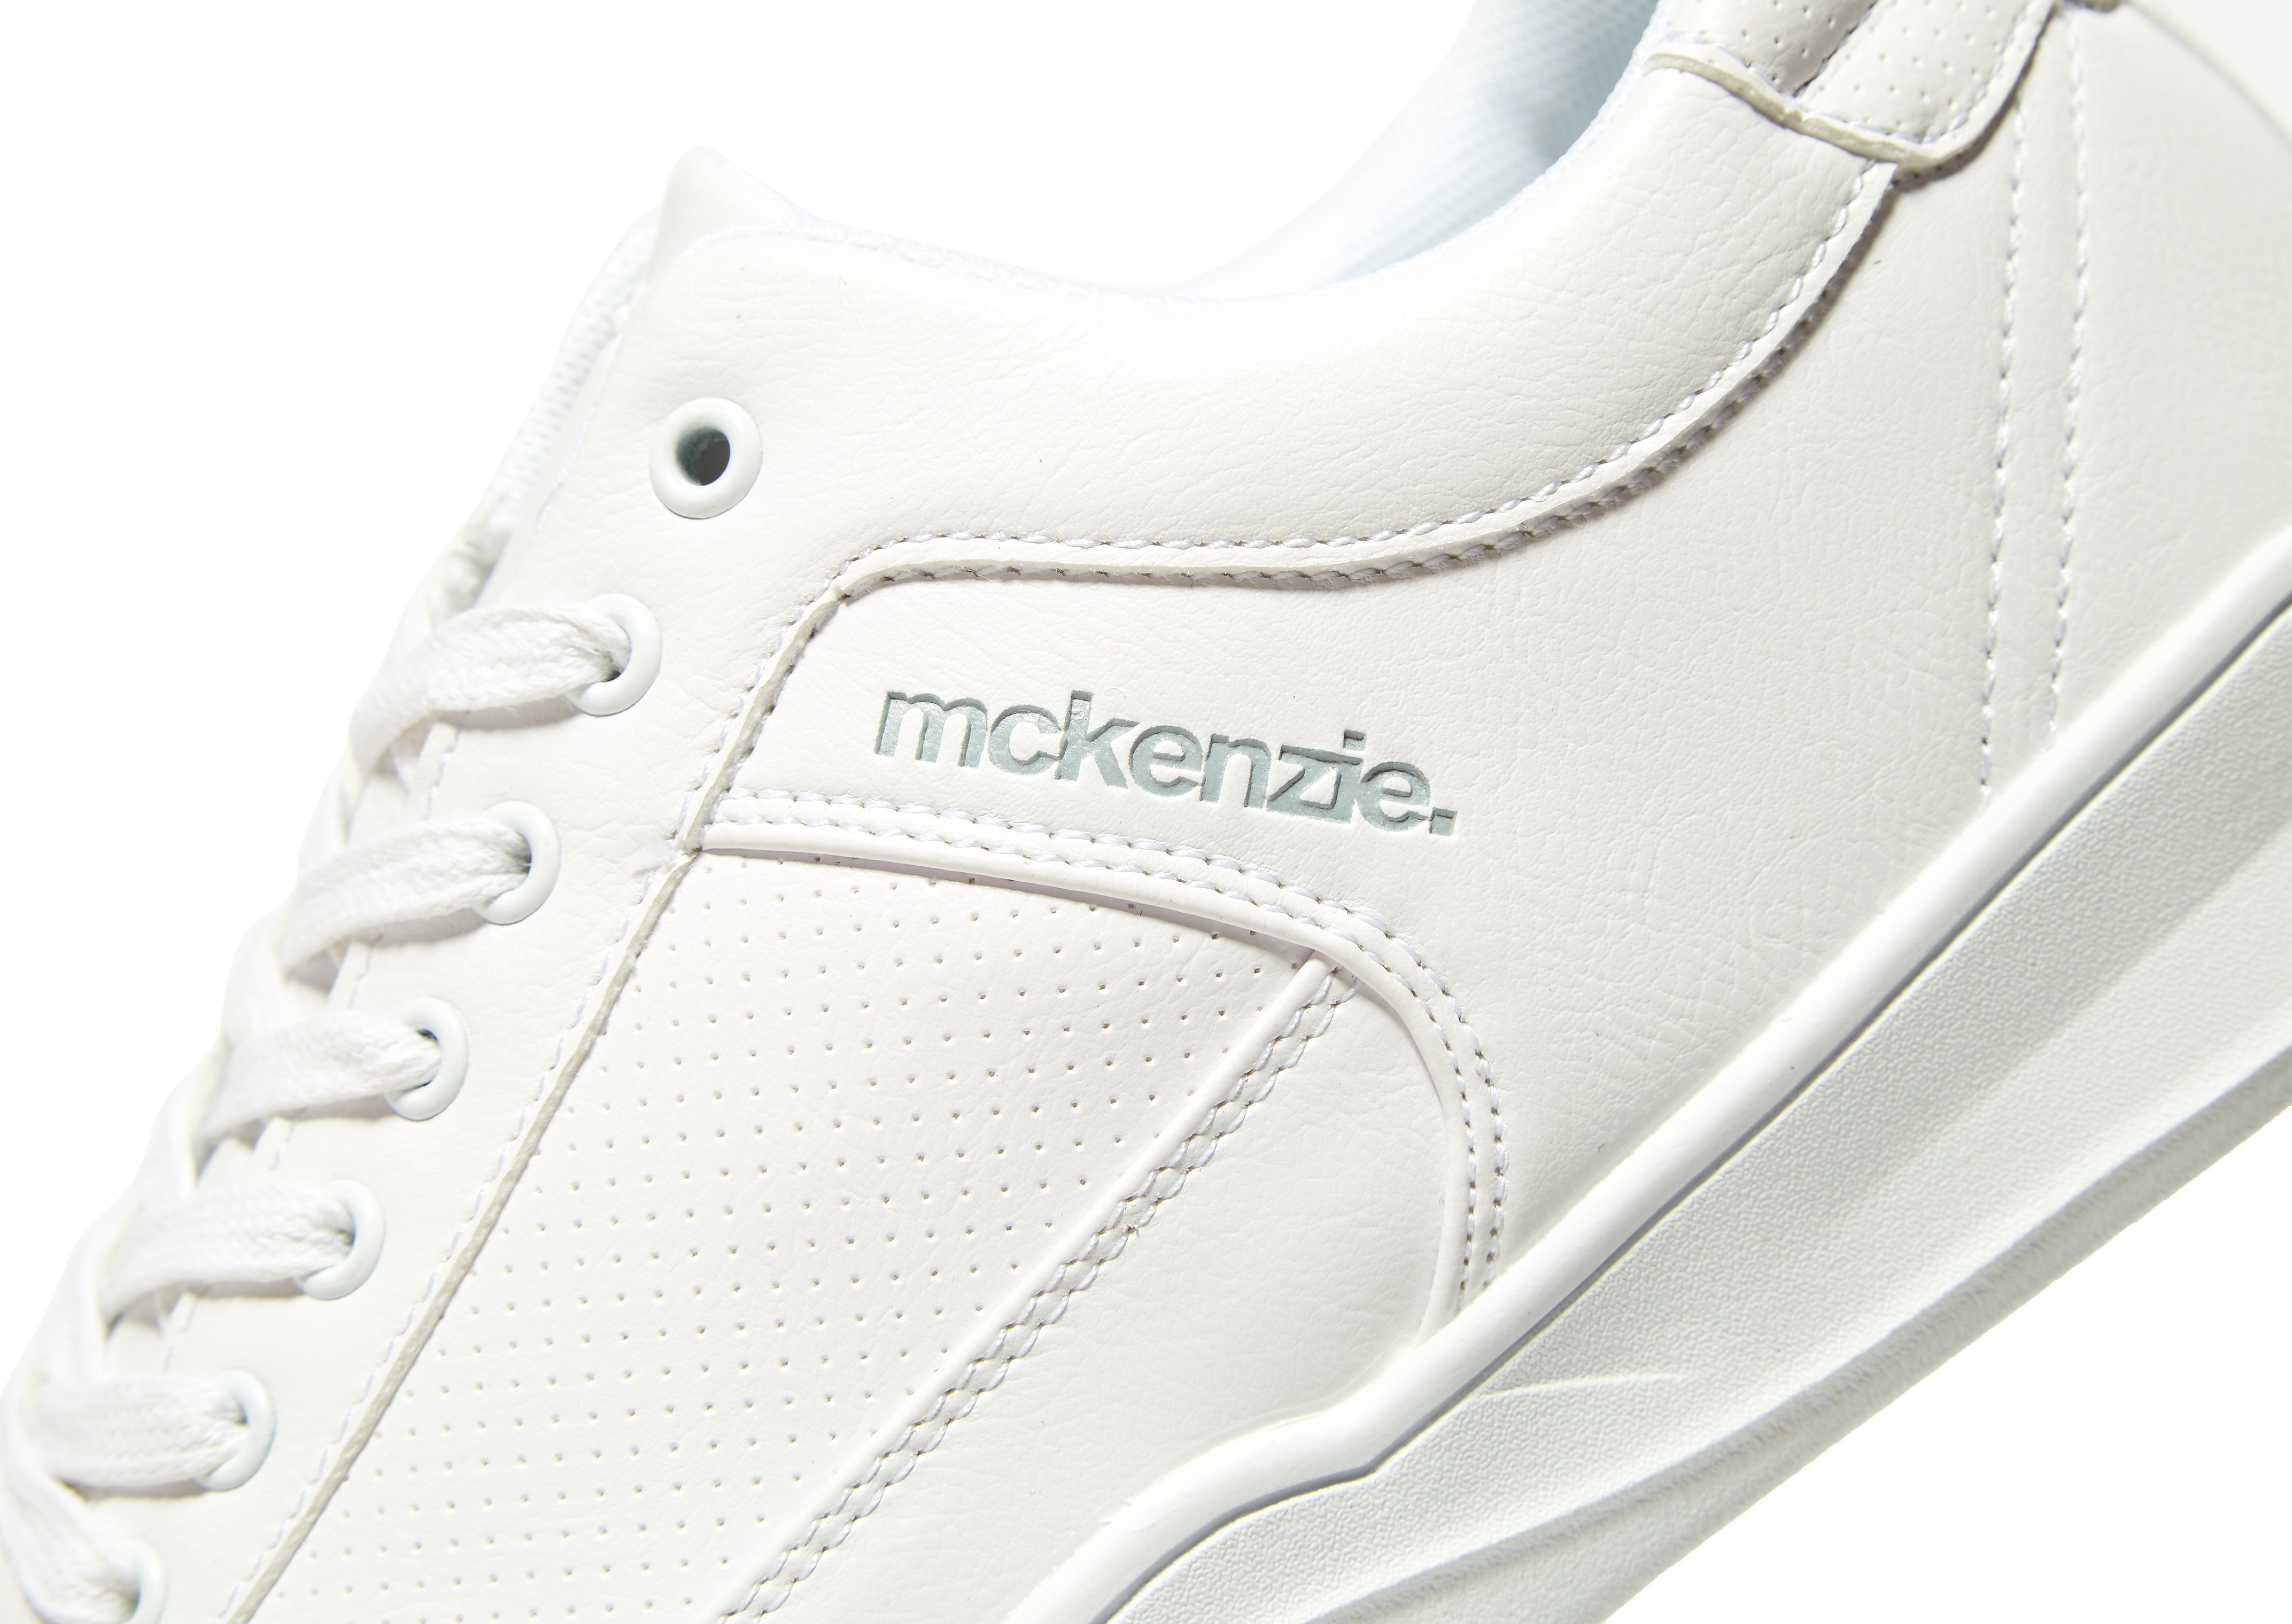 McKenzie Avon 2 Homme